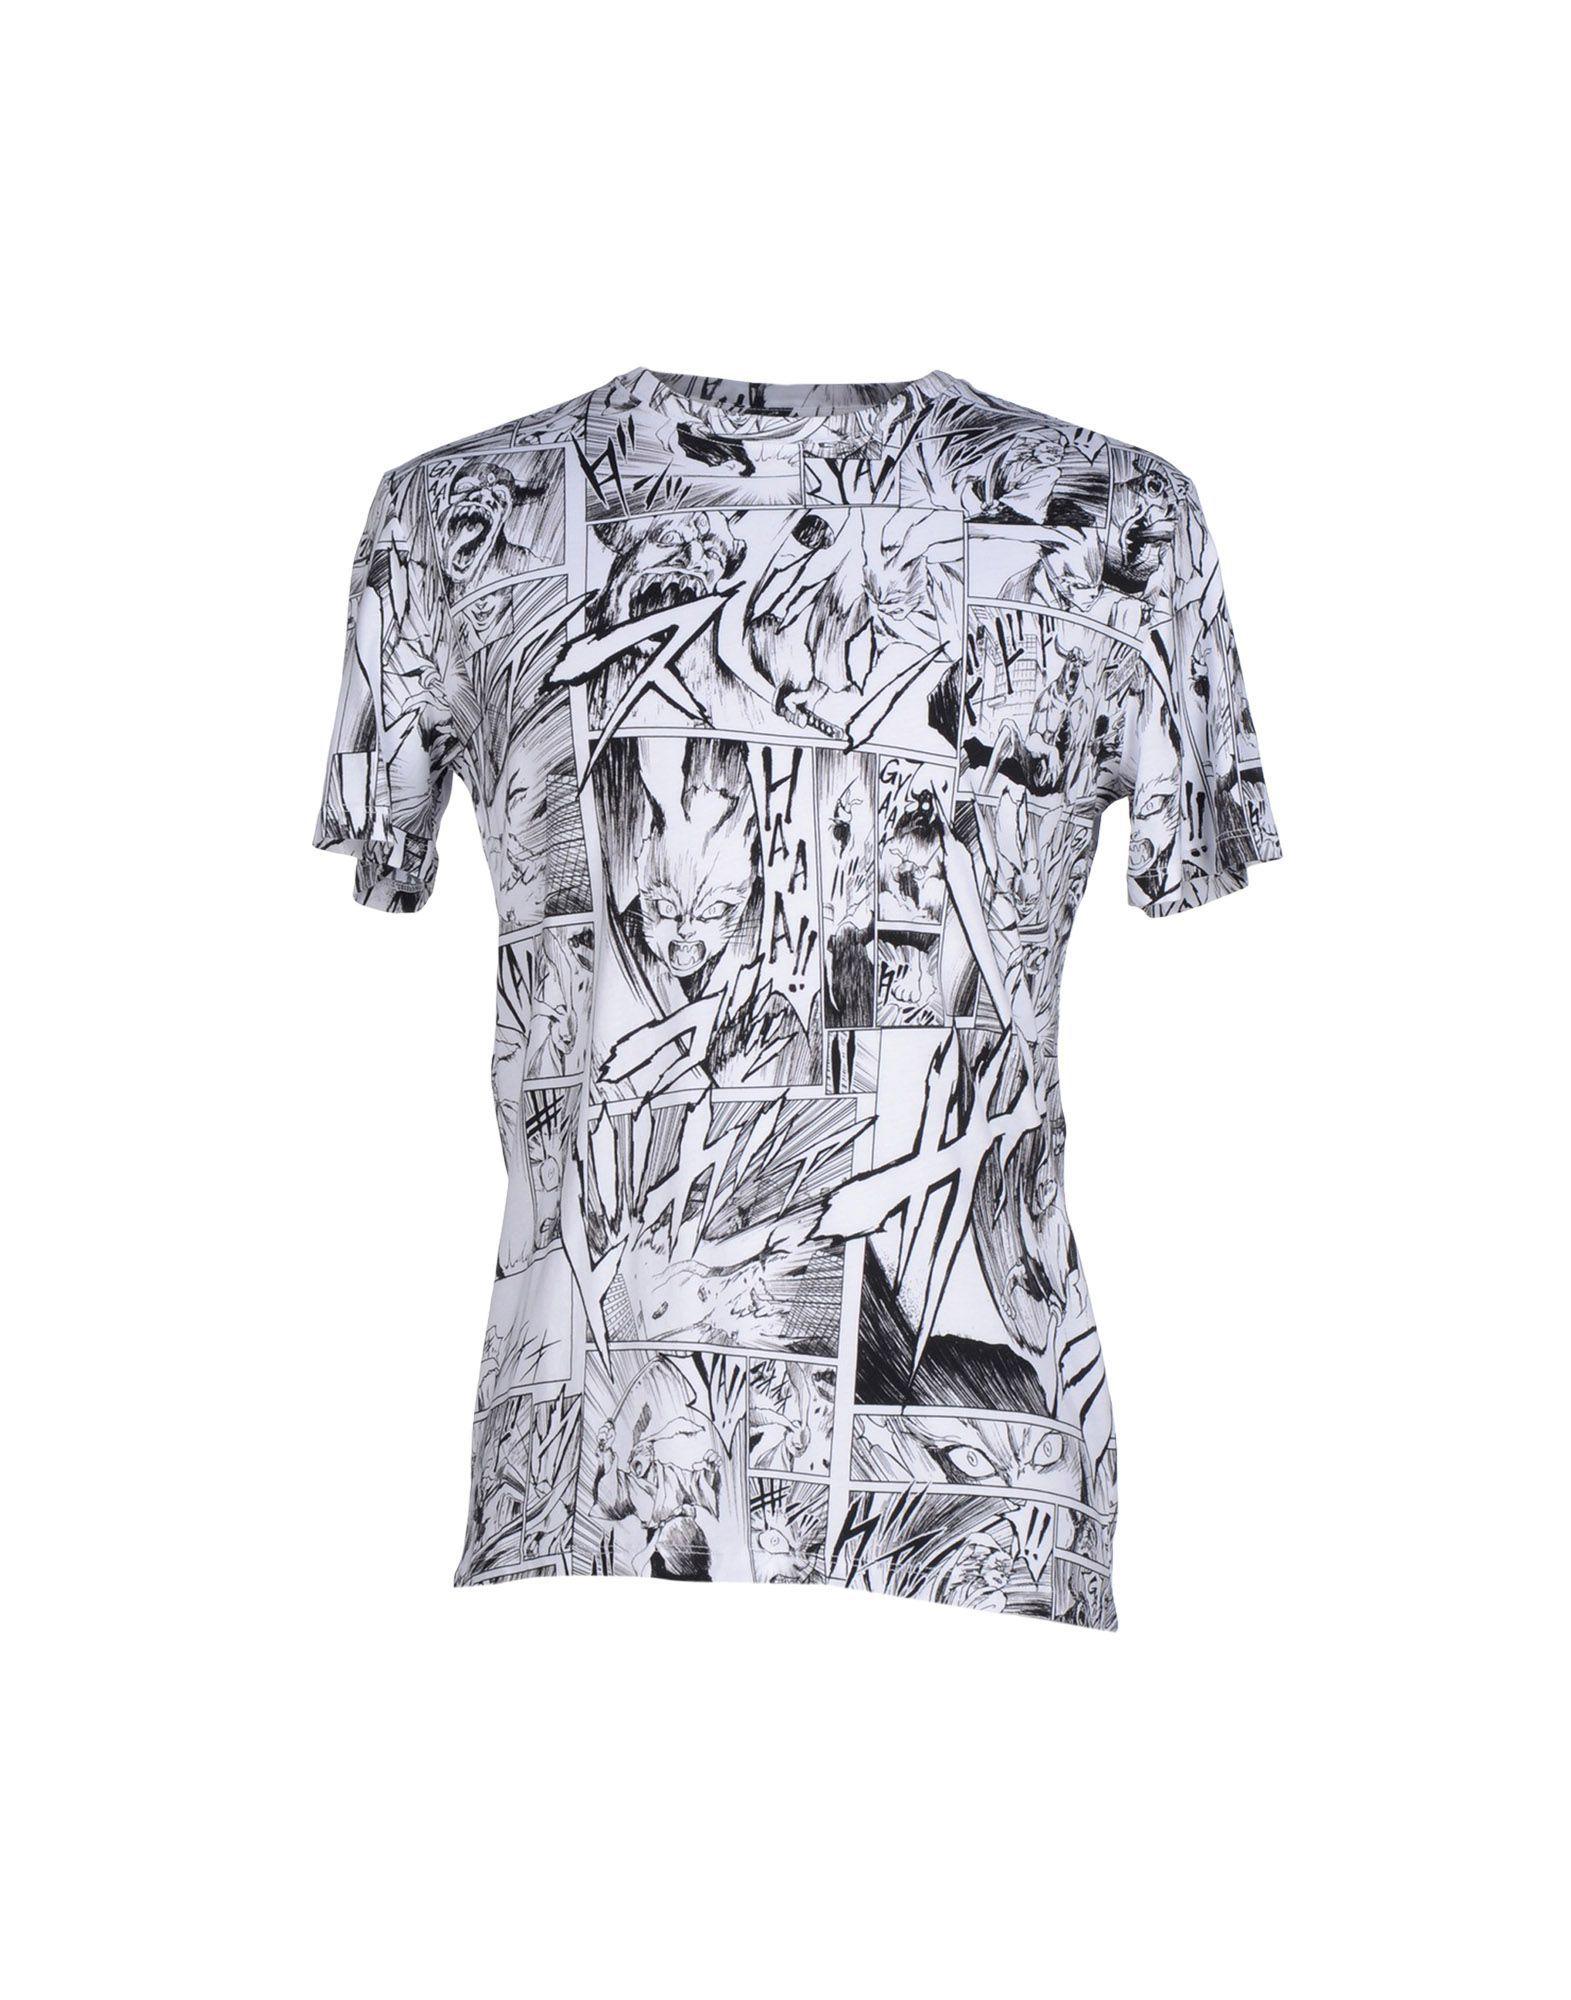 Mcq Alexander Mcqueen T-Shirt - Men Mcq Alexander Mcqueen T-Shirts online on YOOX Egypt - 37740455BS